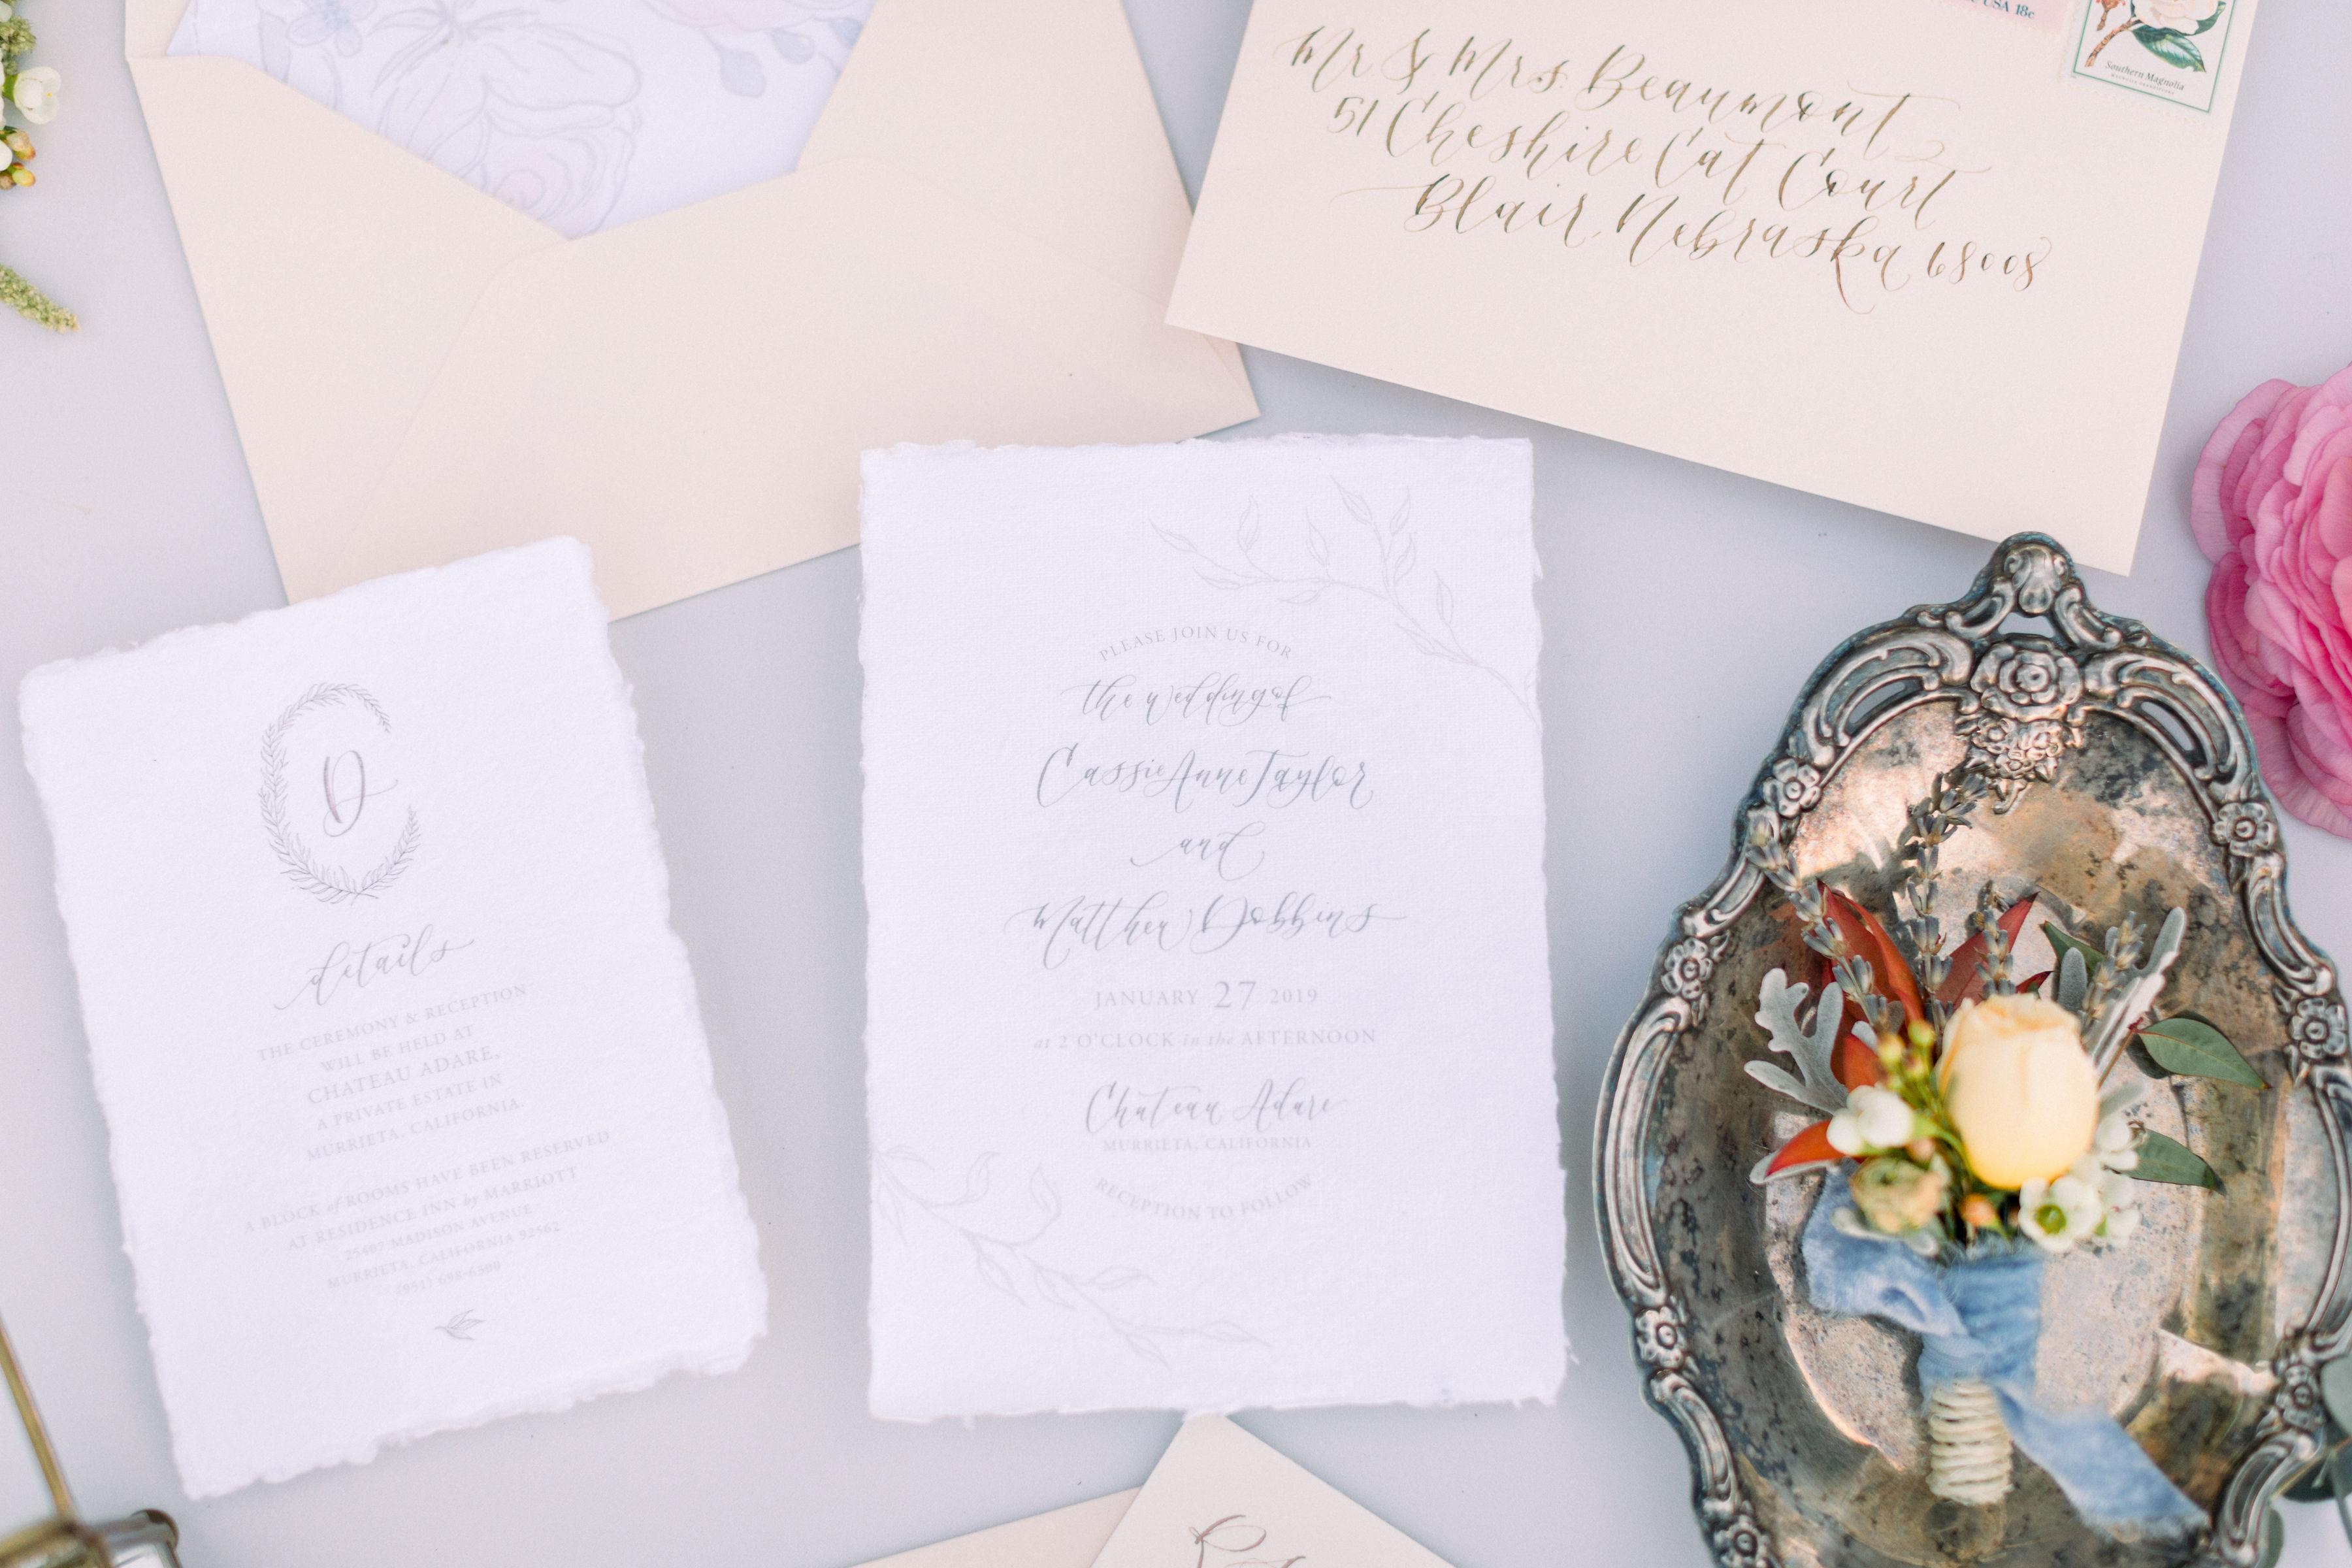 StephanieWeberPhotography-Alice-in-Wonderland-garden-wedding-invitation-detail